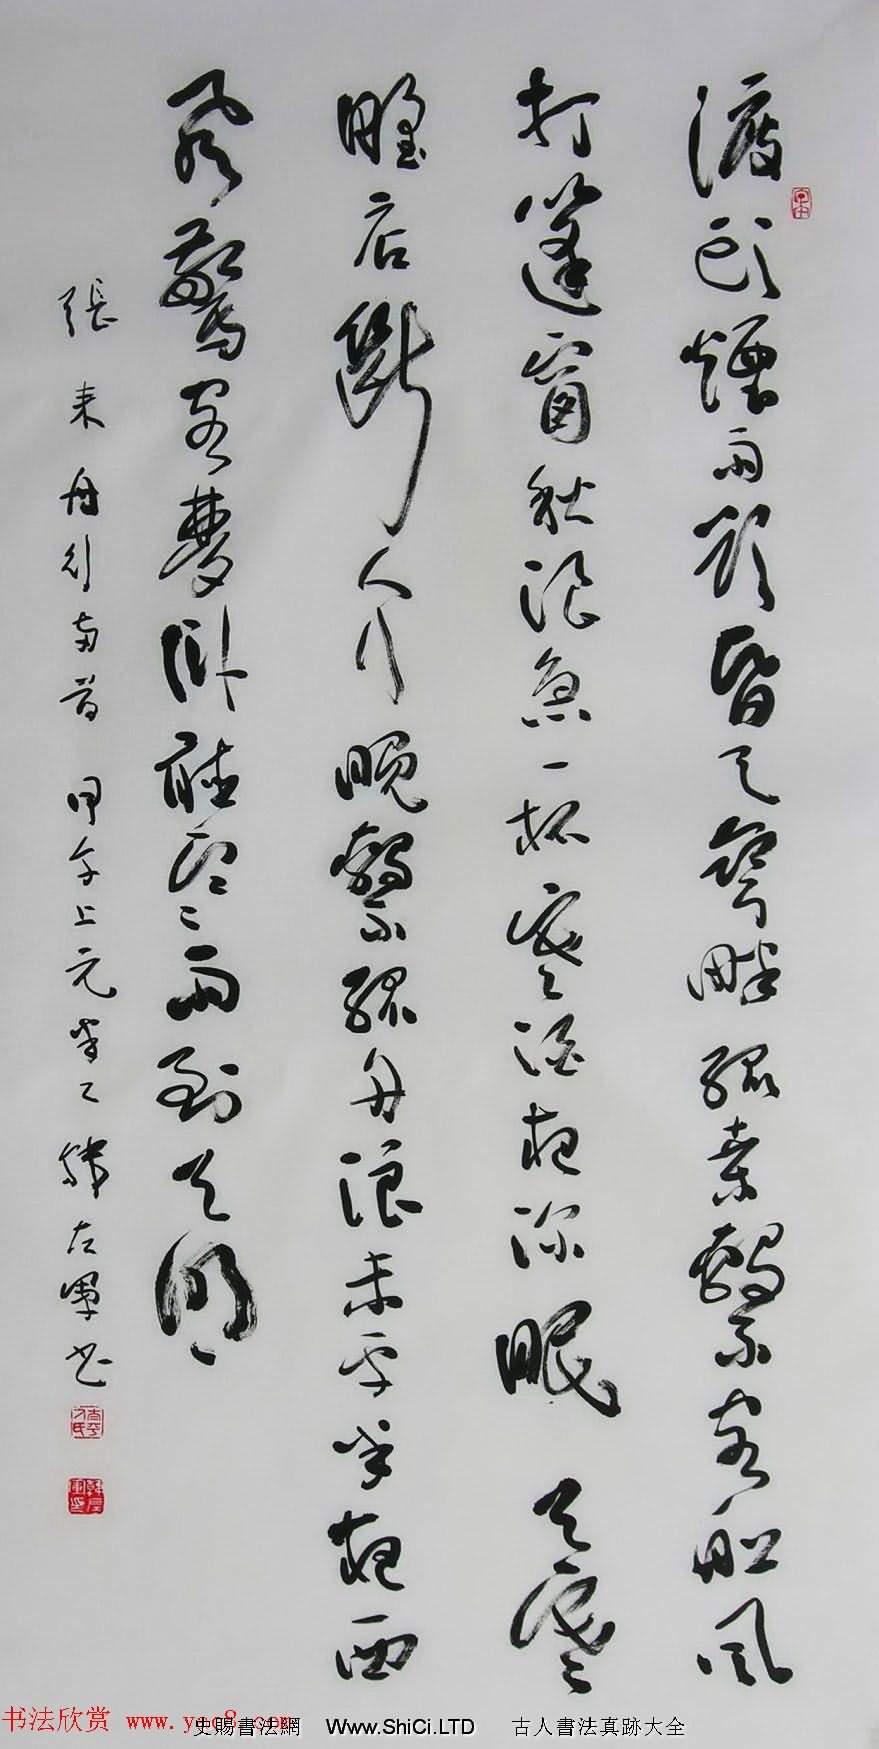 山西韓左軍行草書法作品欣賞